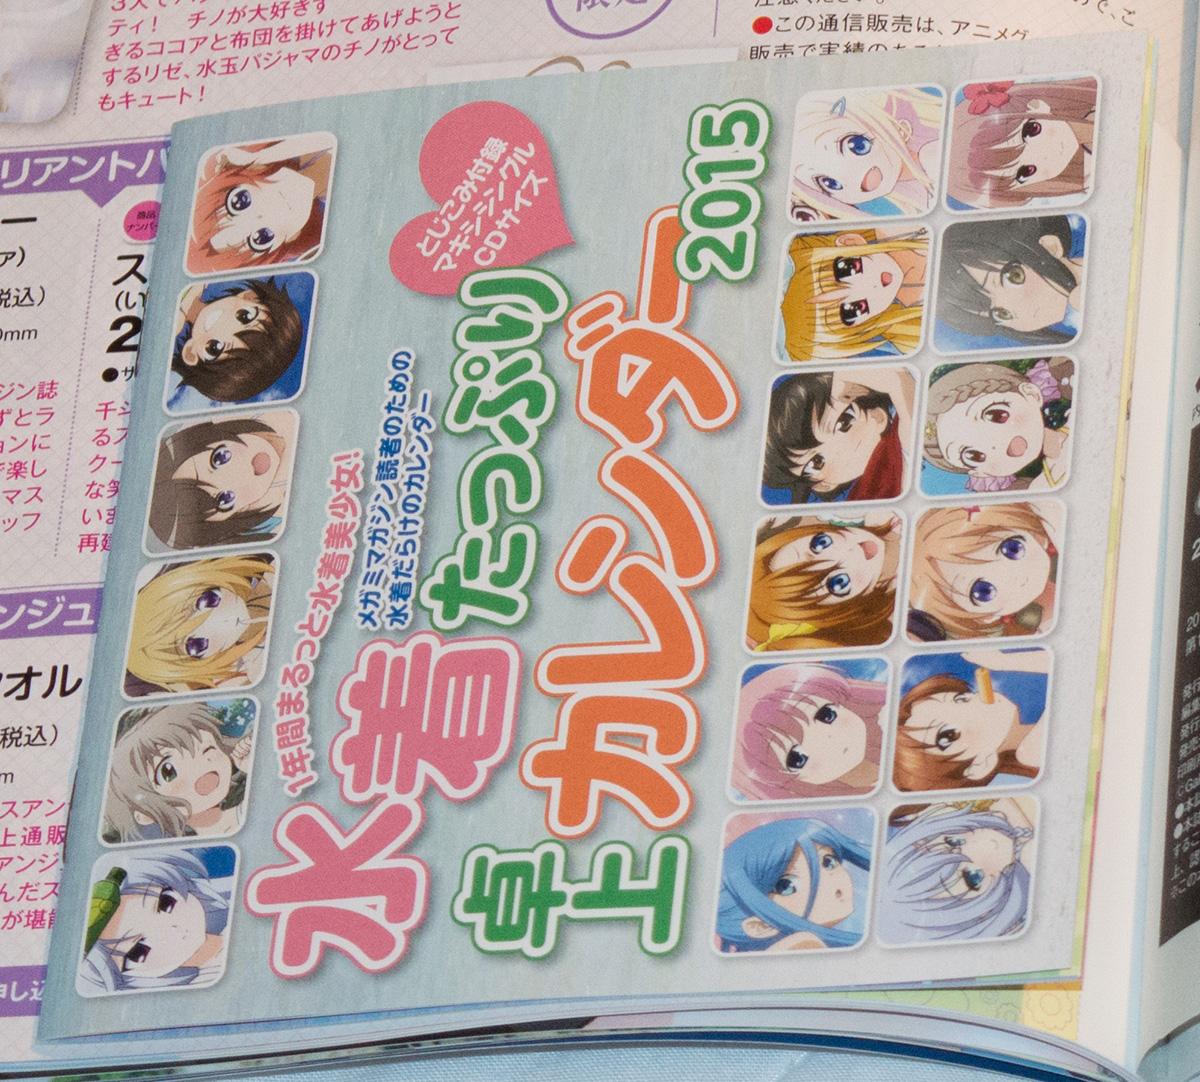 Haruhichan.com Megami MAGAZINE February 2015 anime Calendar